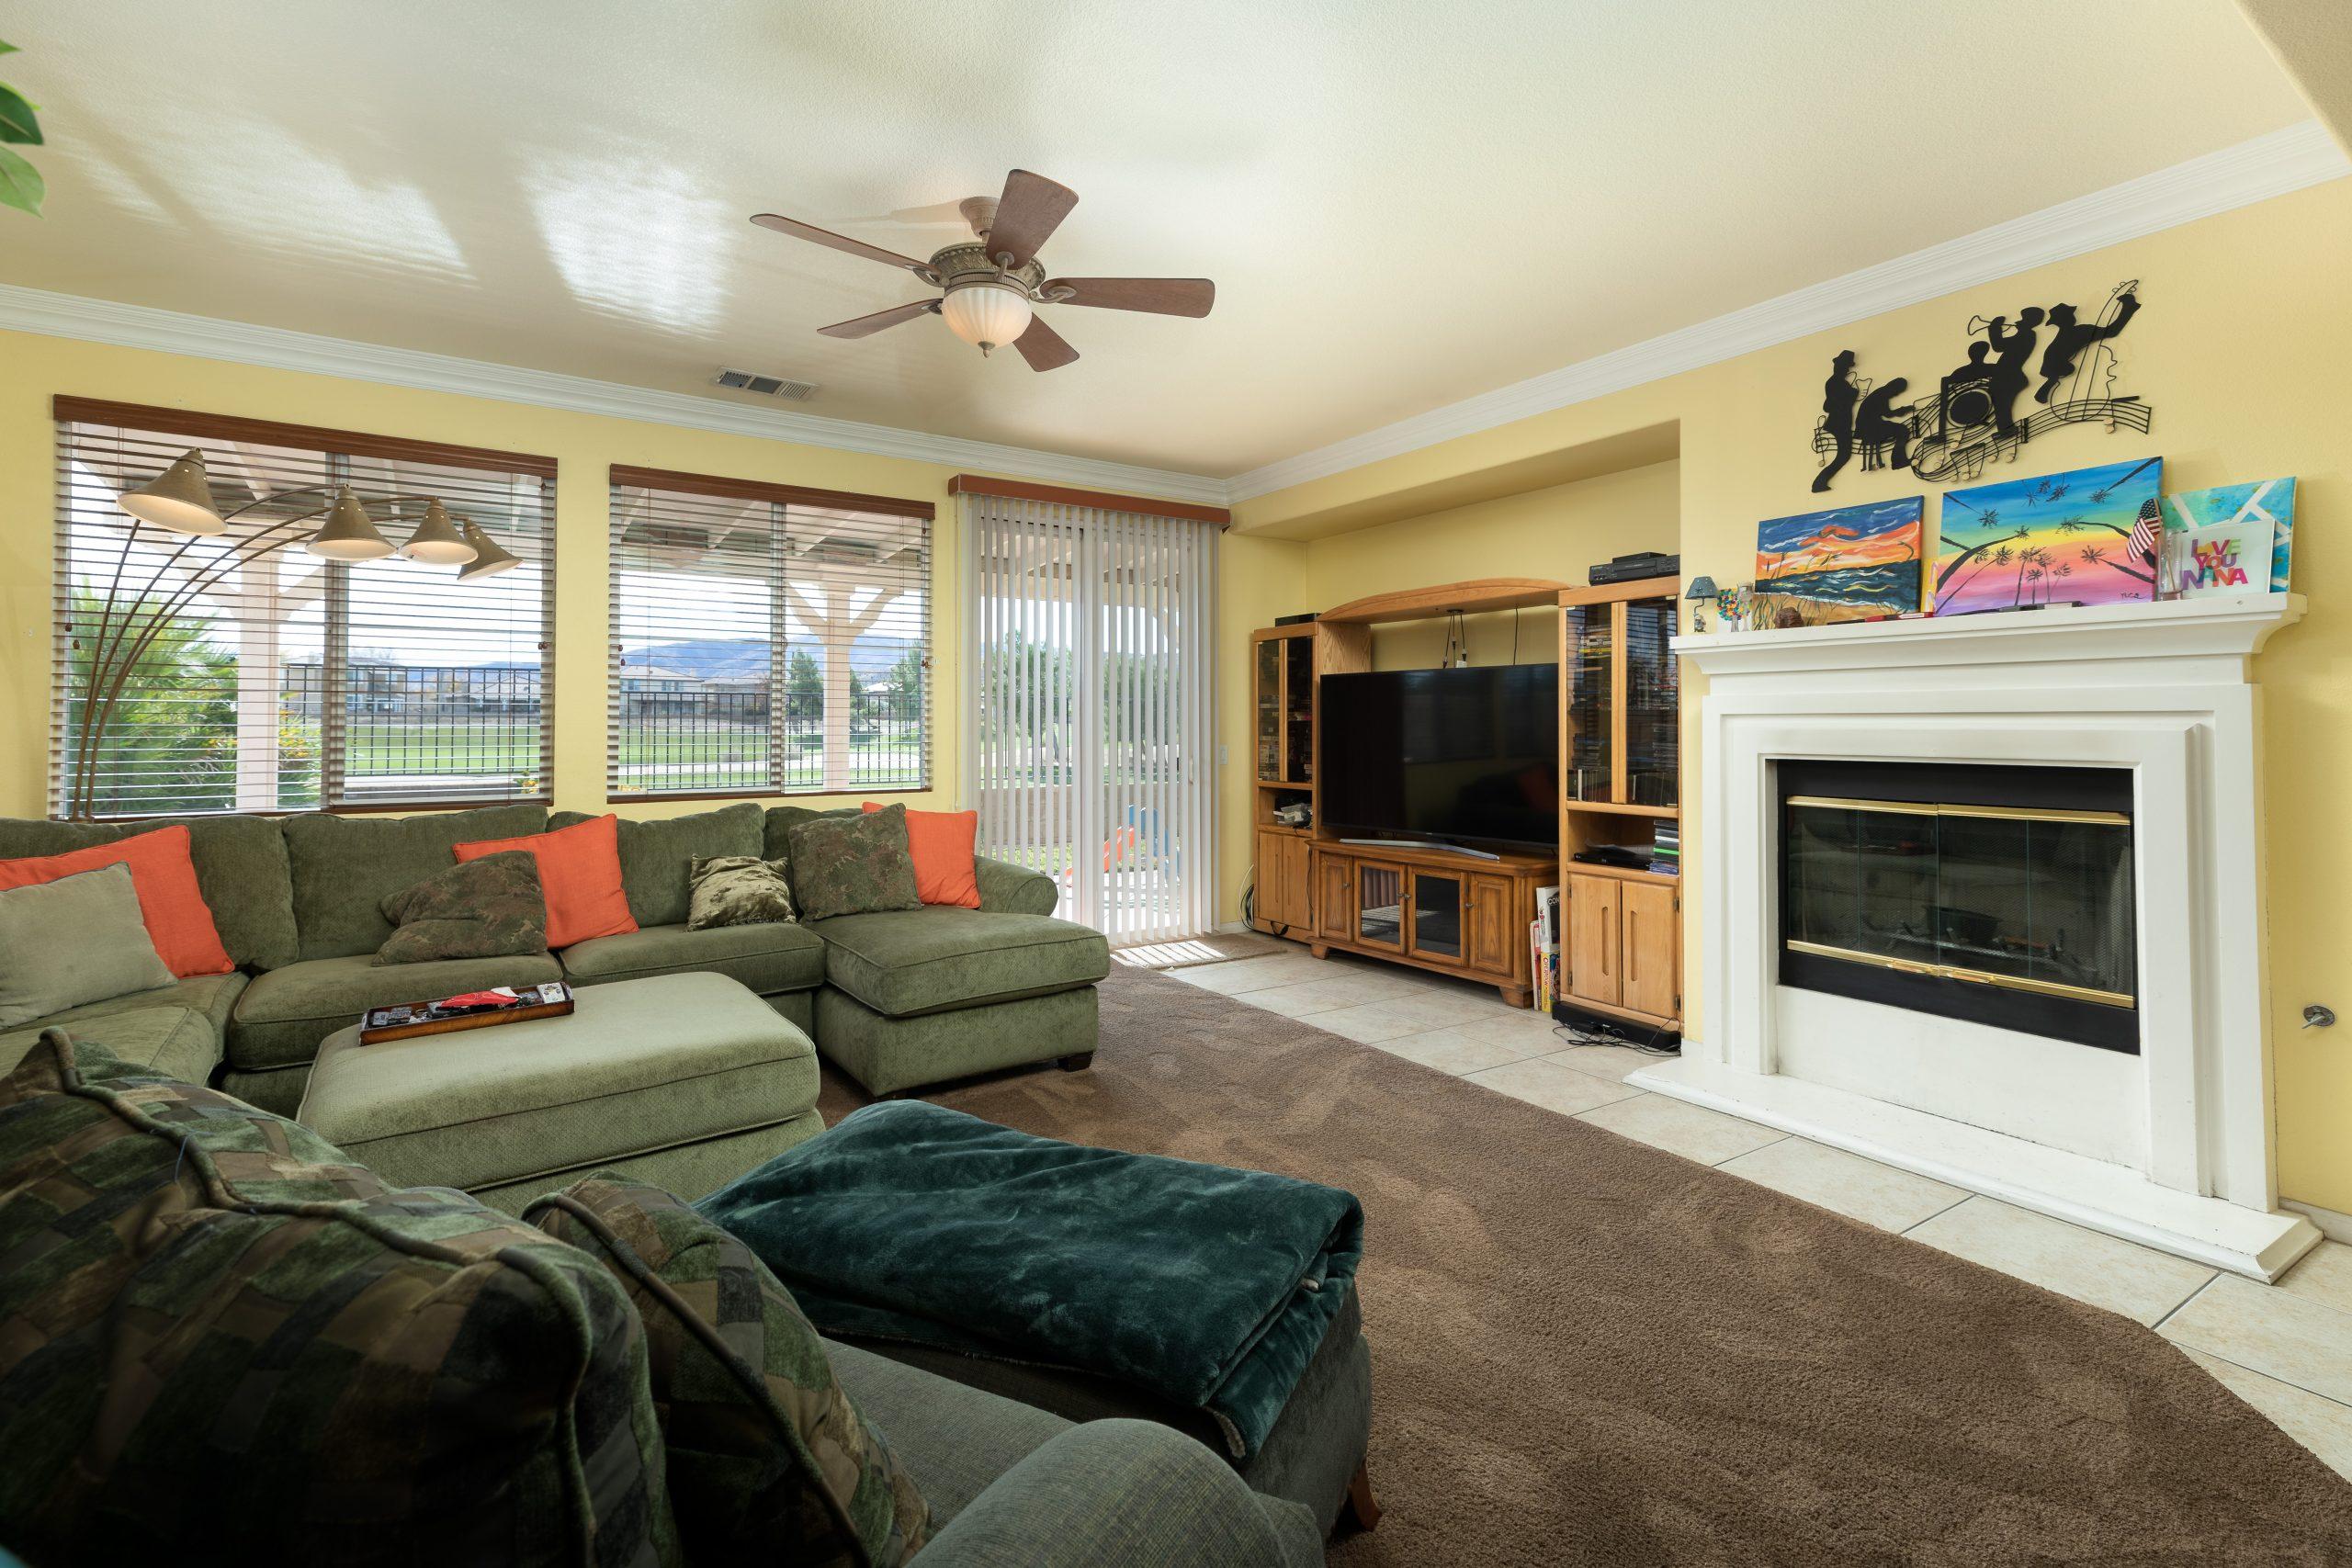 3364 Tournament Drive Palmdale CA 93551 Fireplace